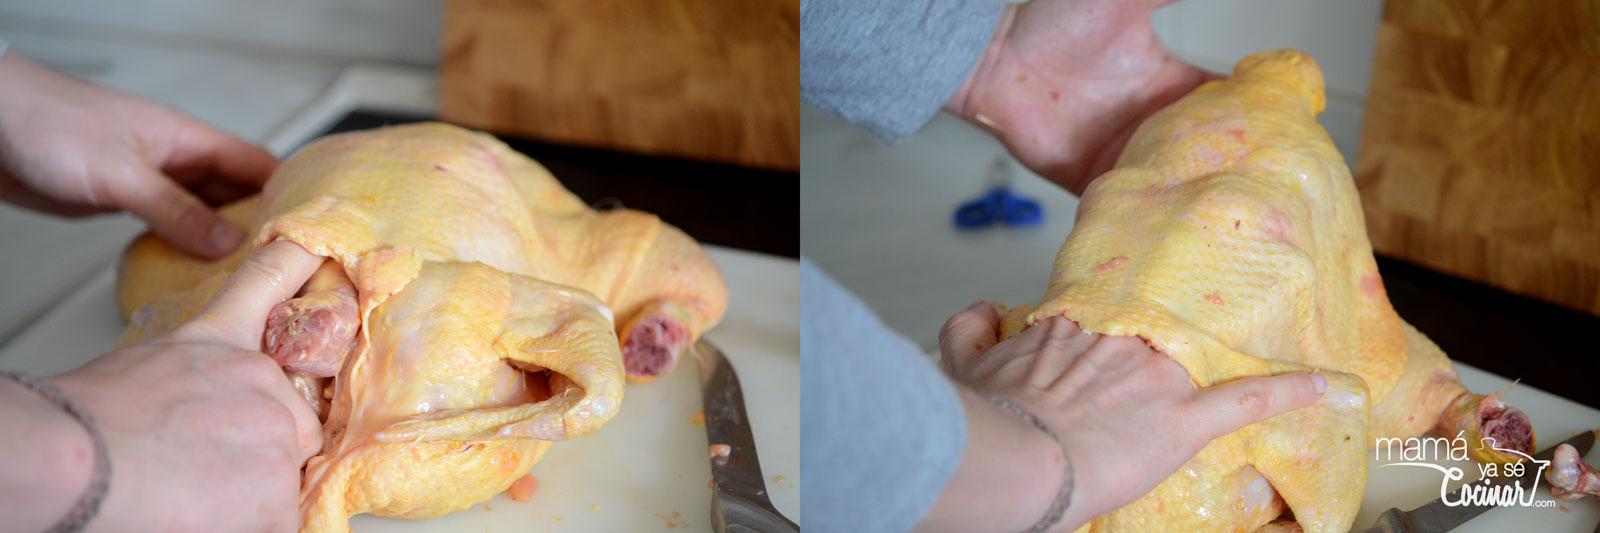 deshuesar-pavo-pollo-gallina-paso-a-paso2